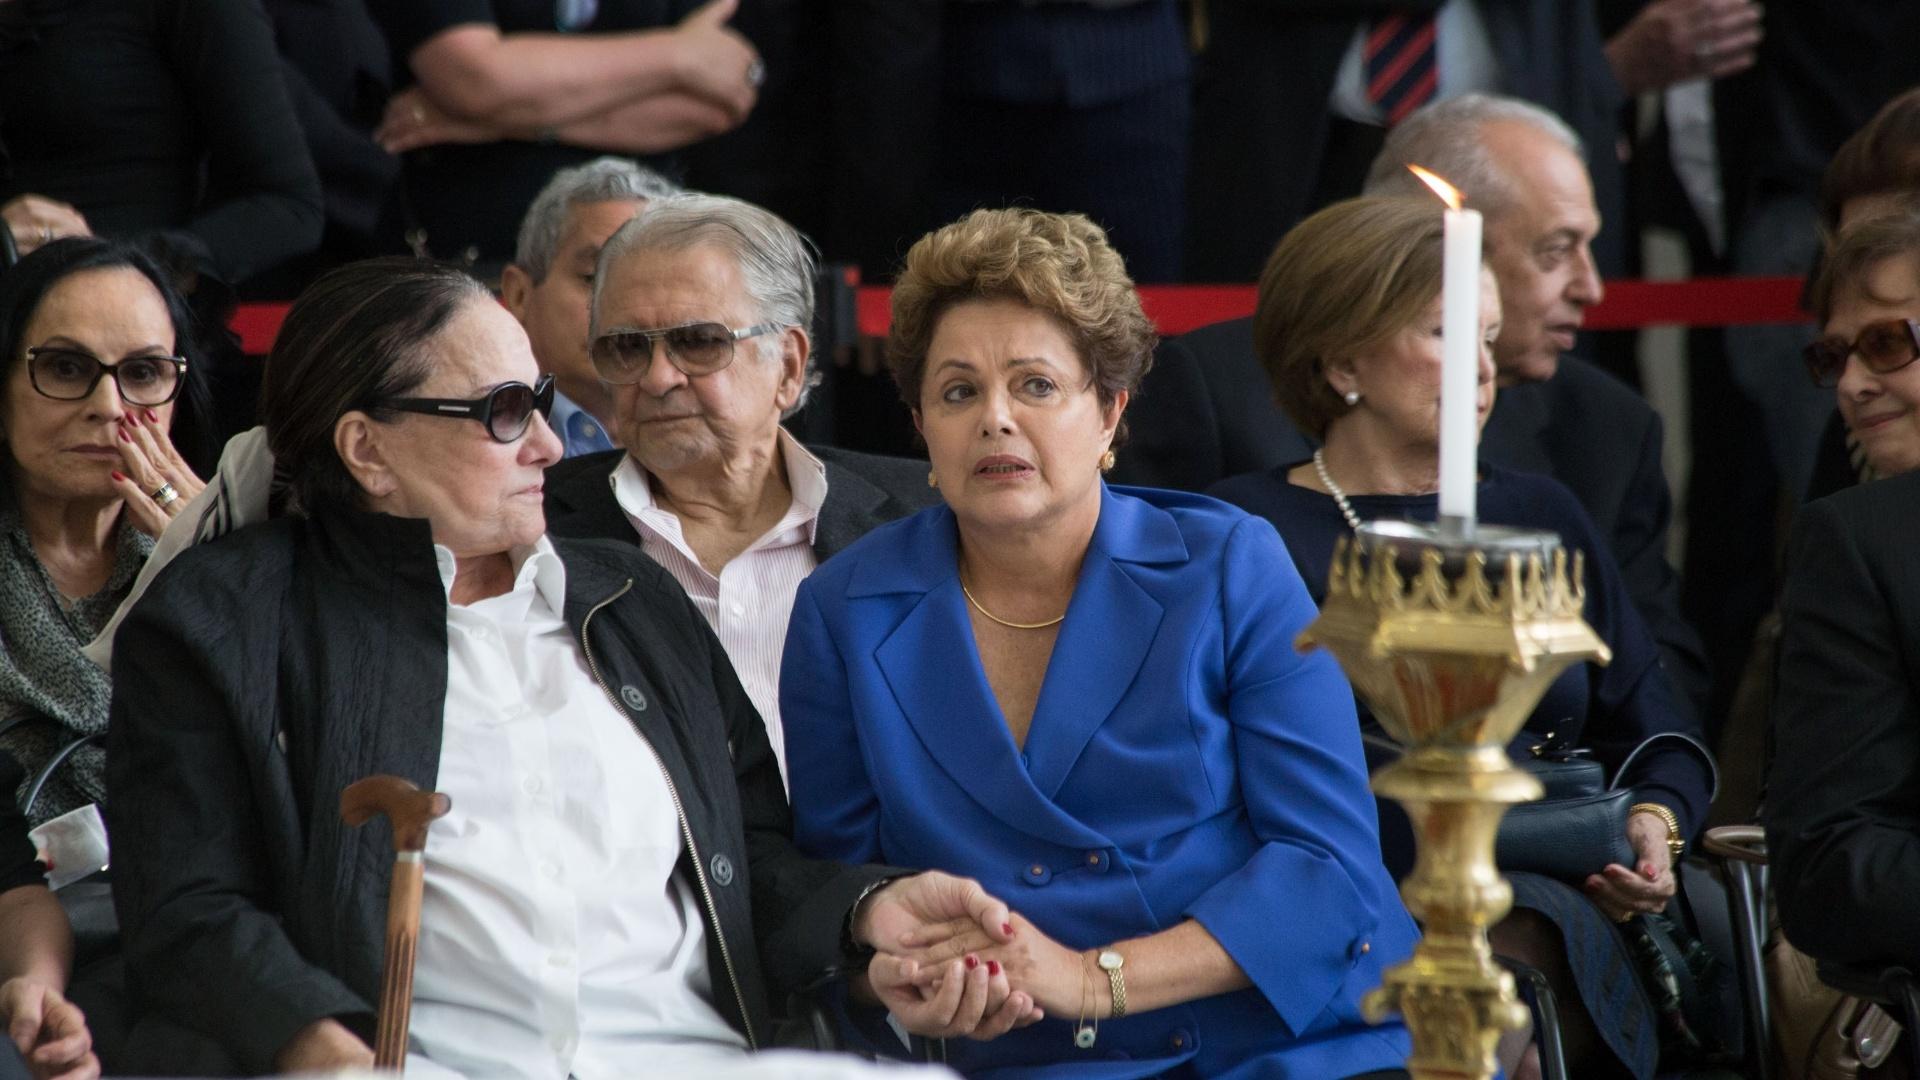 20.nov.2014 - A presidente Dilma Rousseff conversa com Maria Leonor de Castro Bastos, viúva do ex-ministro da Justiça, Márcio Thomaz Bastos. O ex-ministro morreu aos 79 anos, nesta quinta-feira, e é velado na Assembleia Legislativa de São Paulo